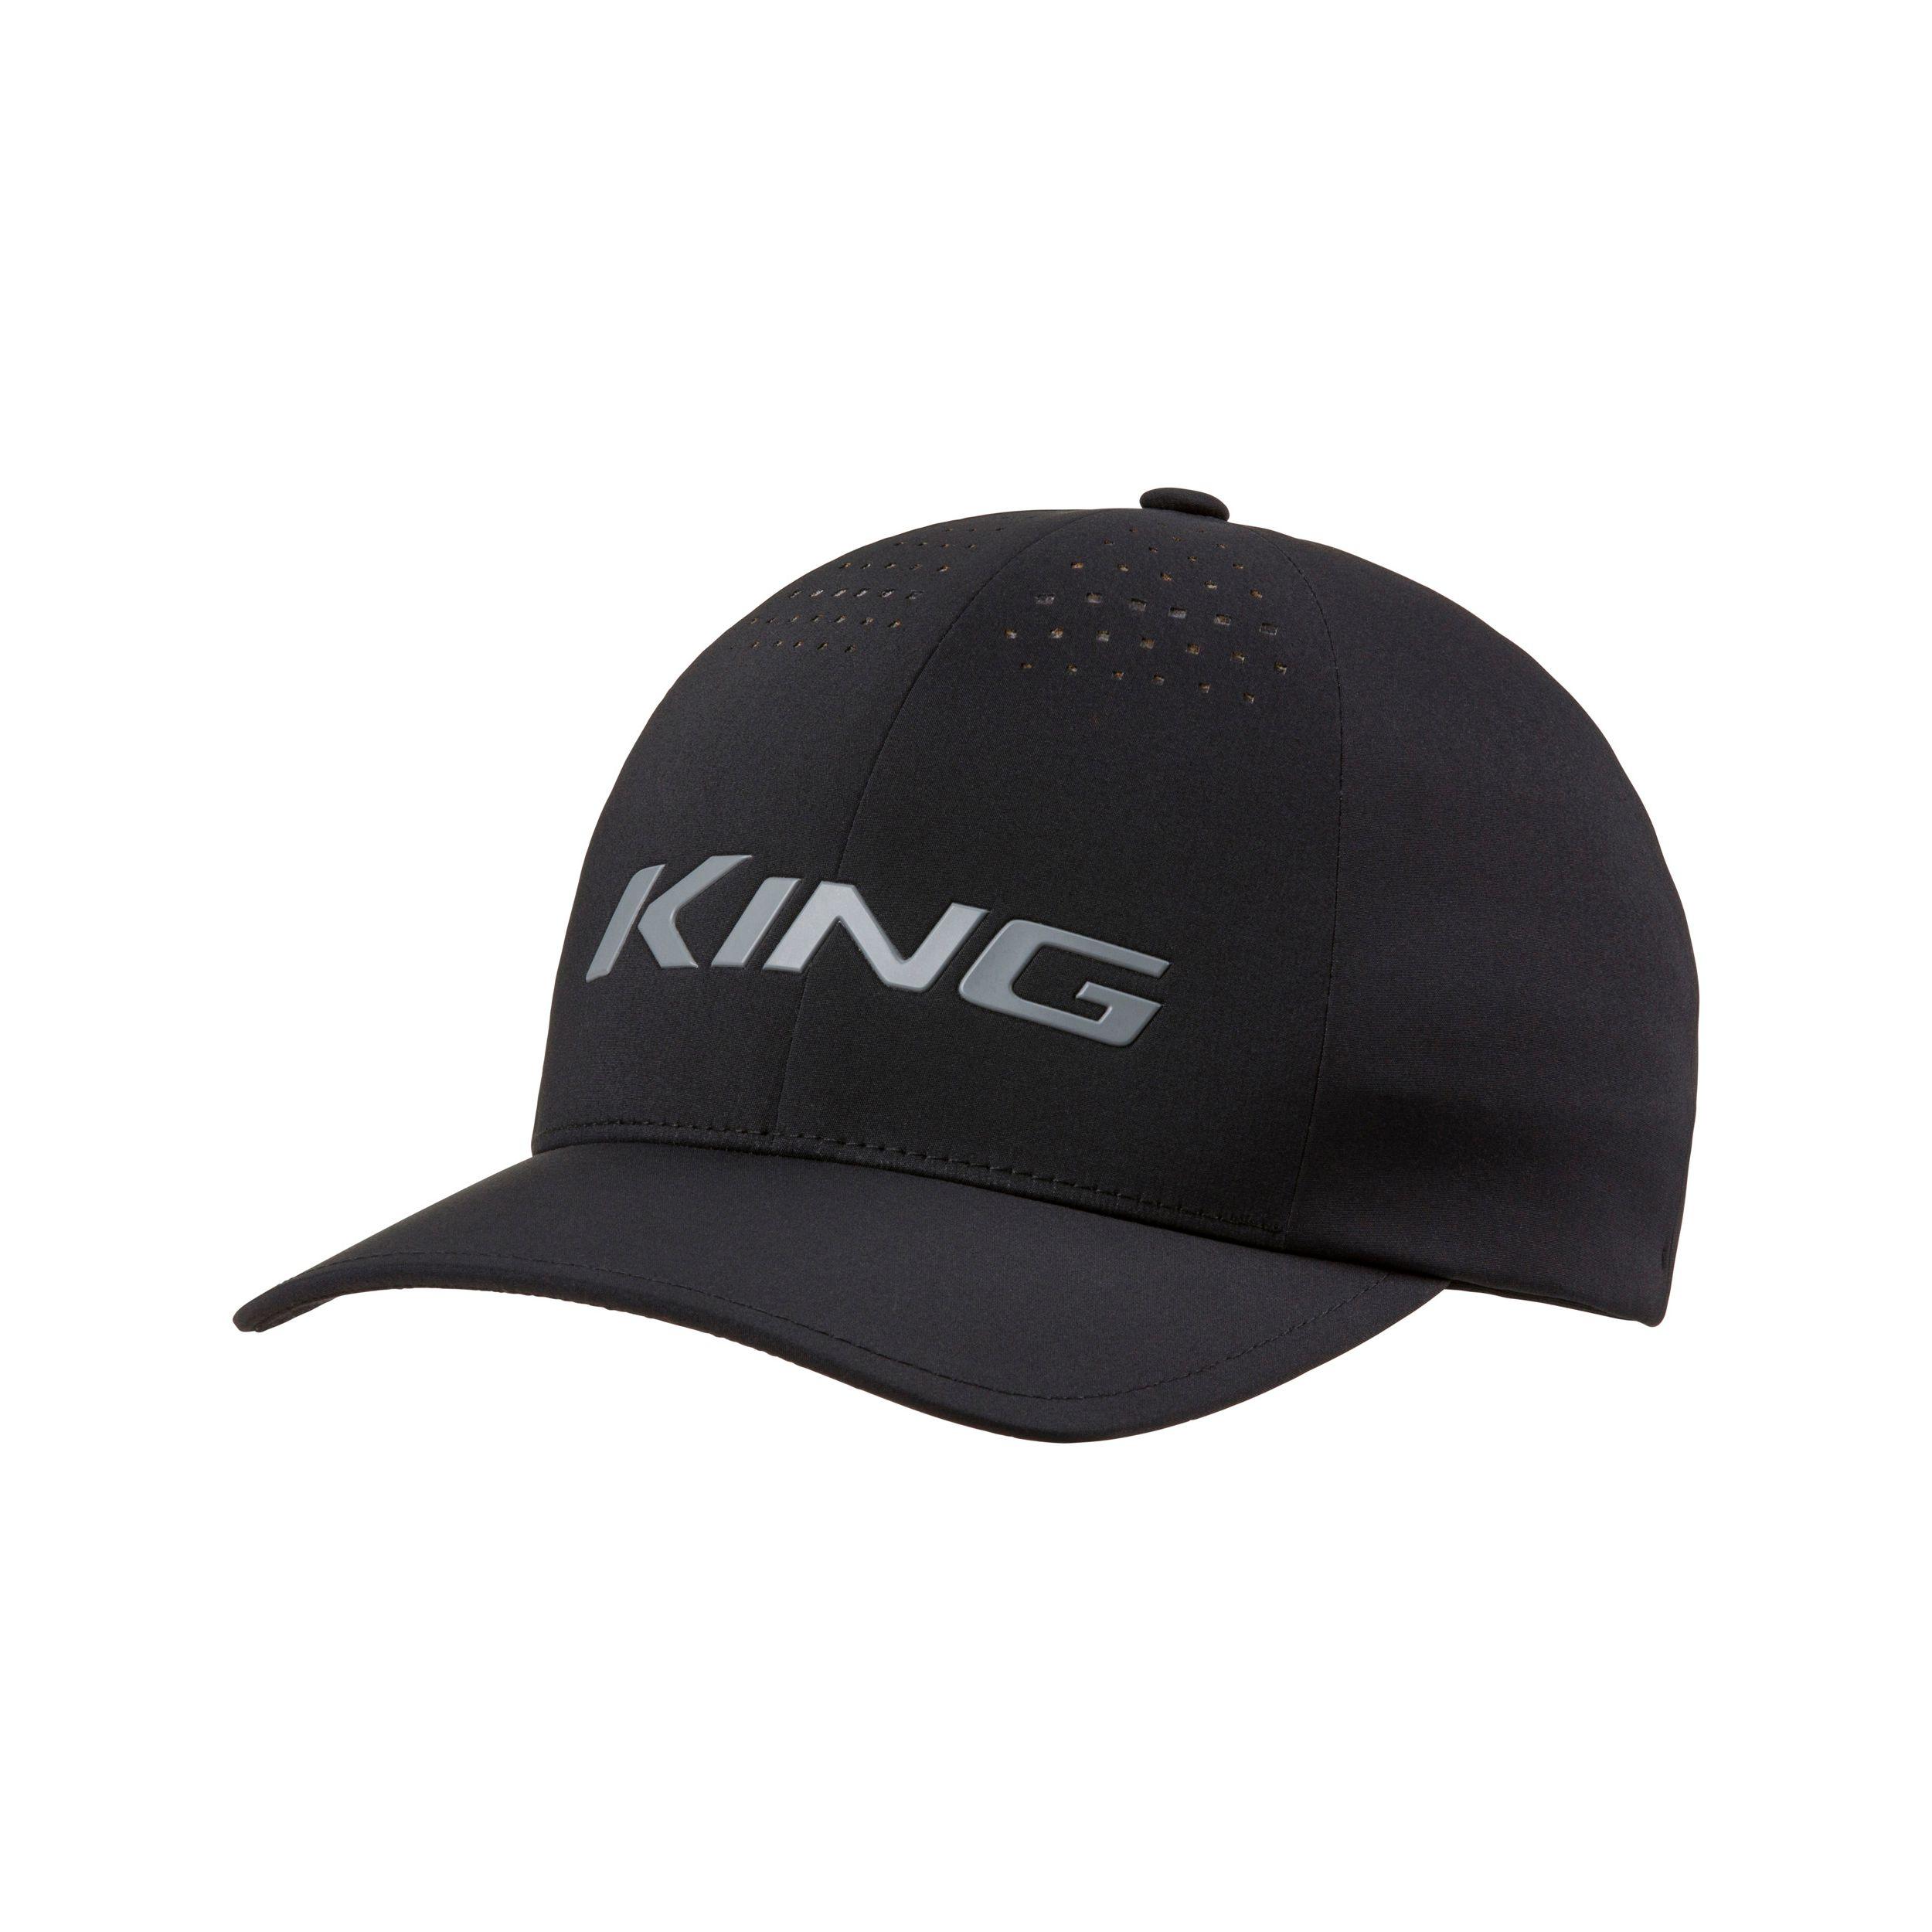 e977d5ba043 Cobra Golf- King Delta FlexFit Cap